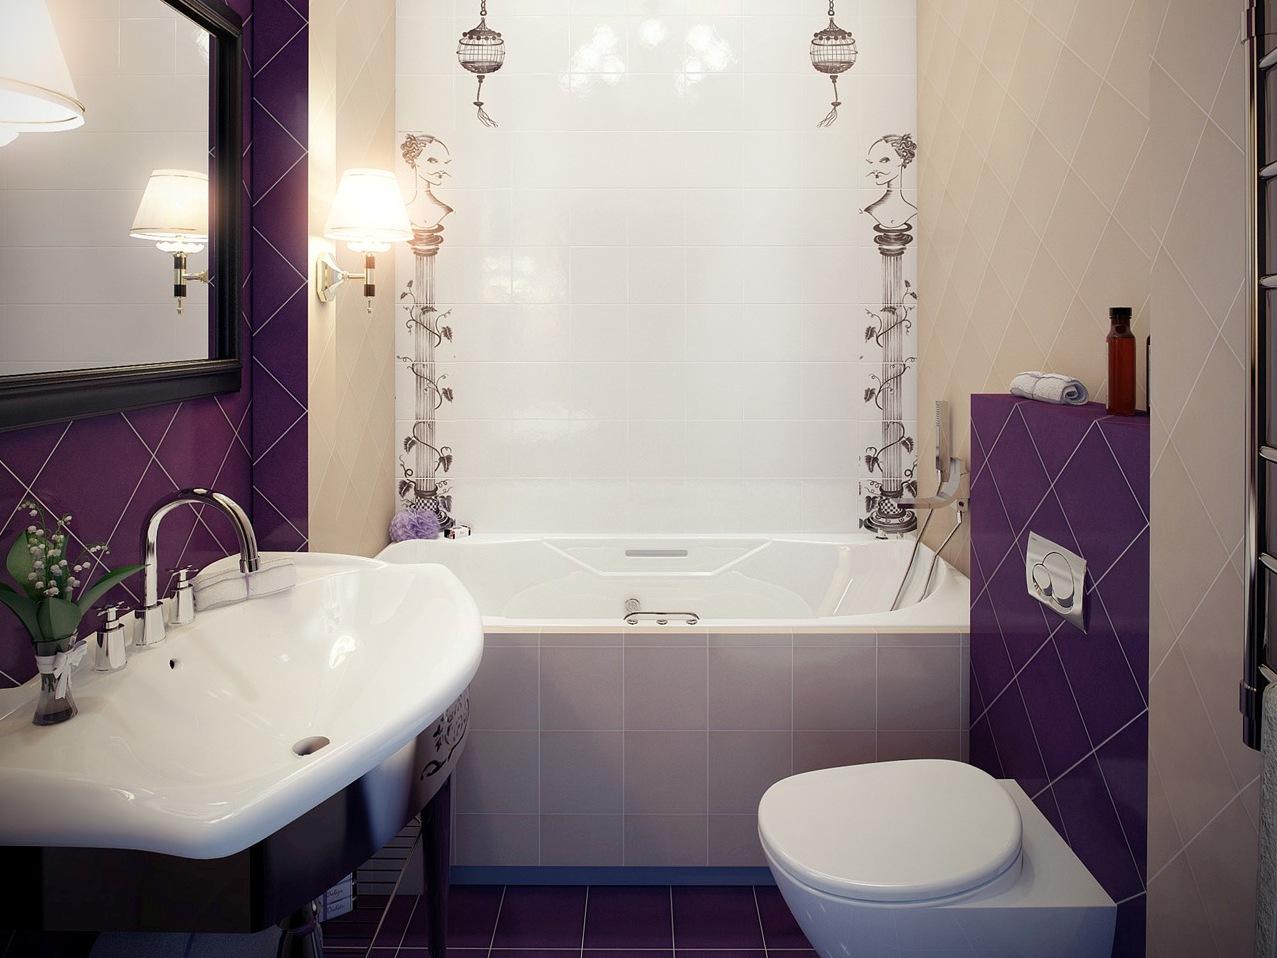 Интерьер ванной комнаты попроще